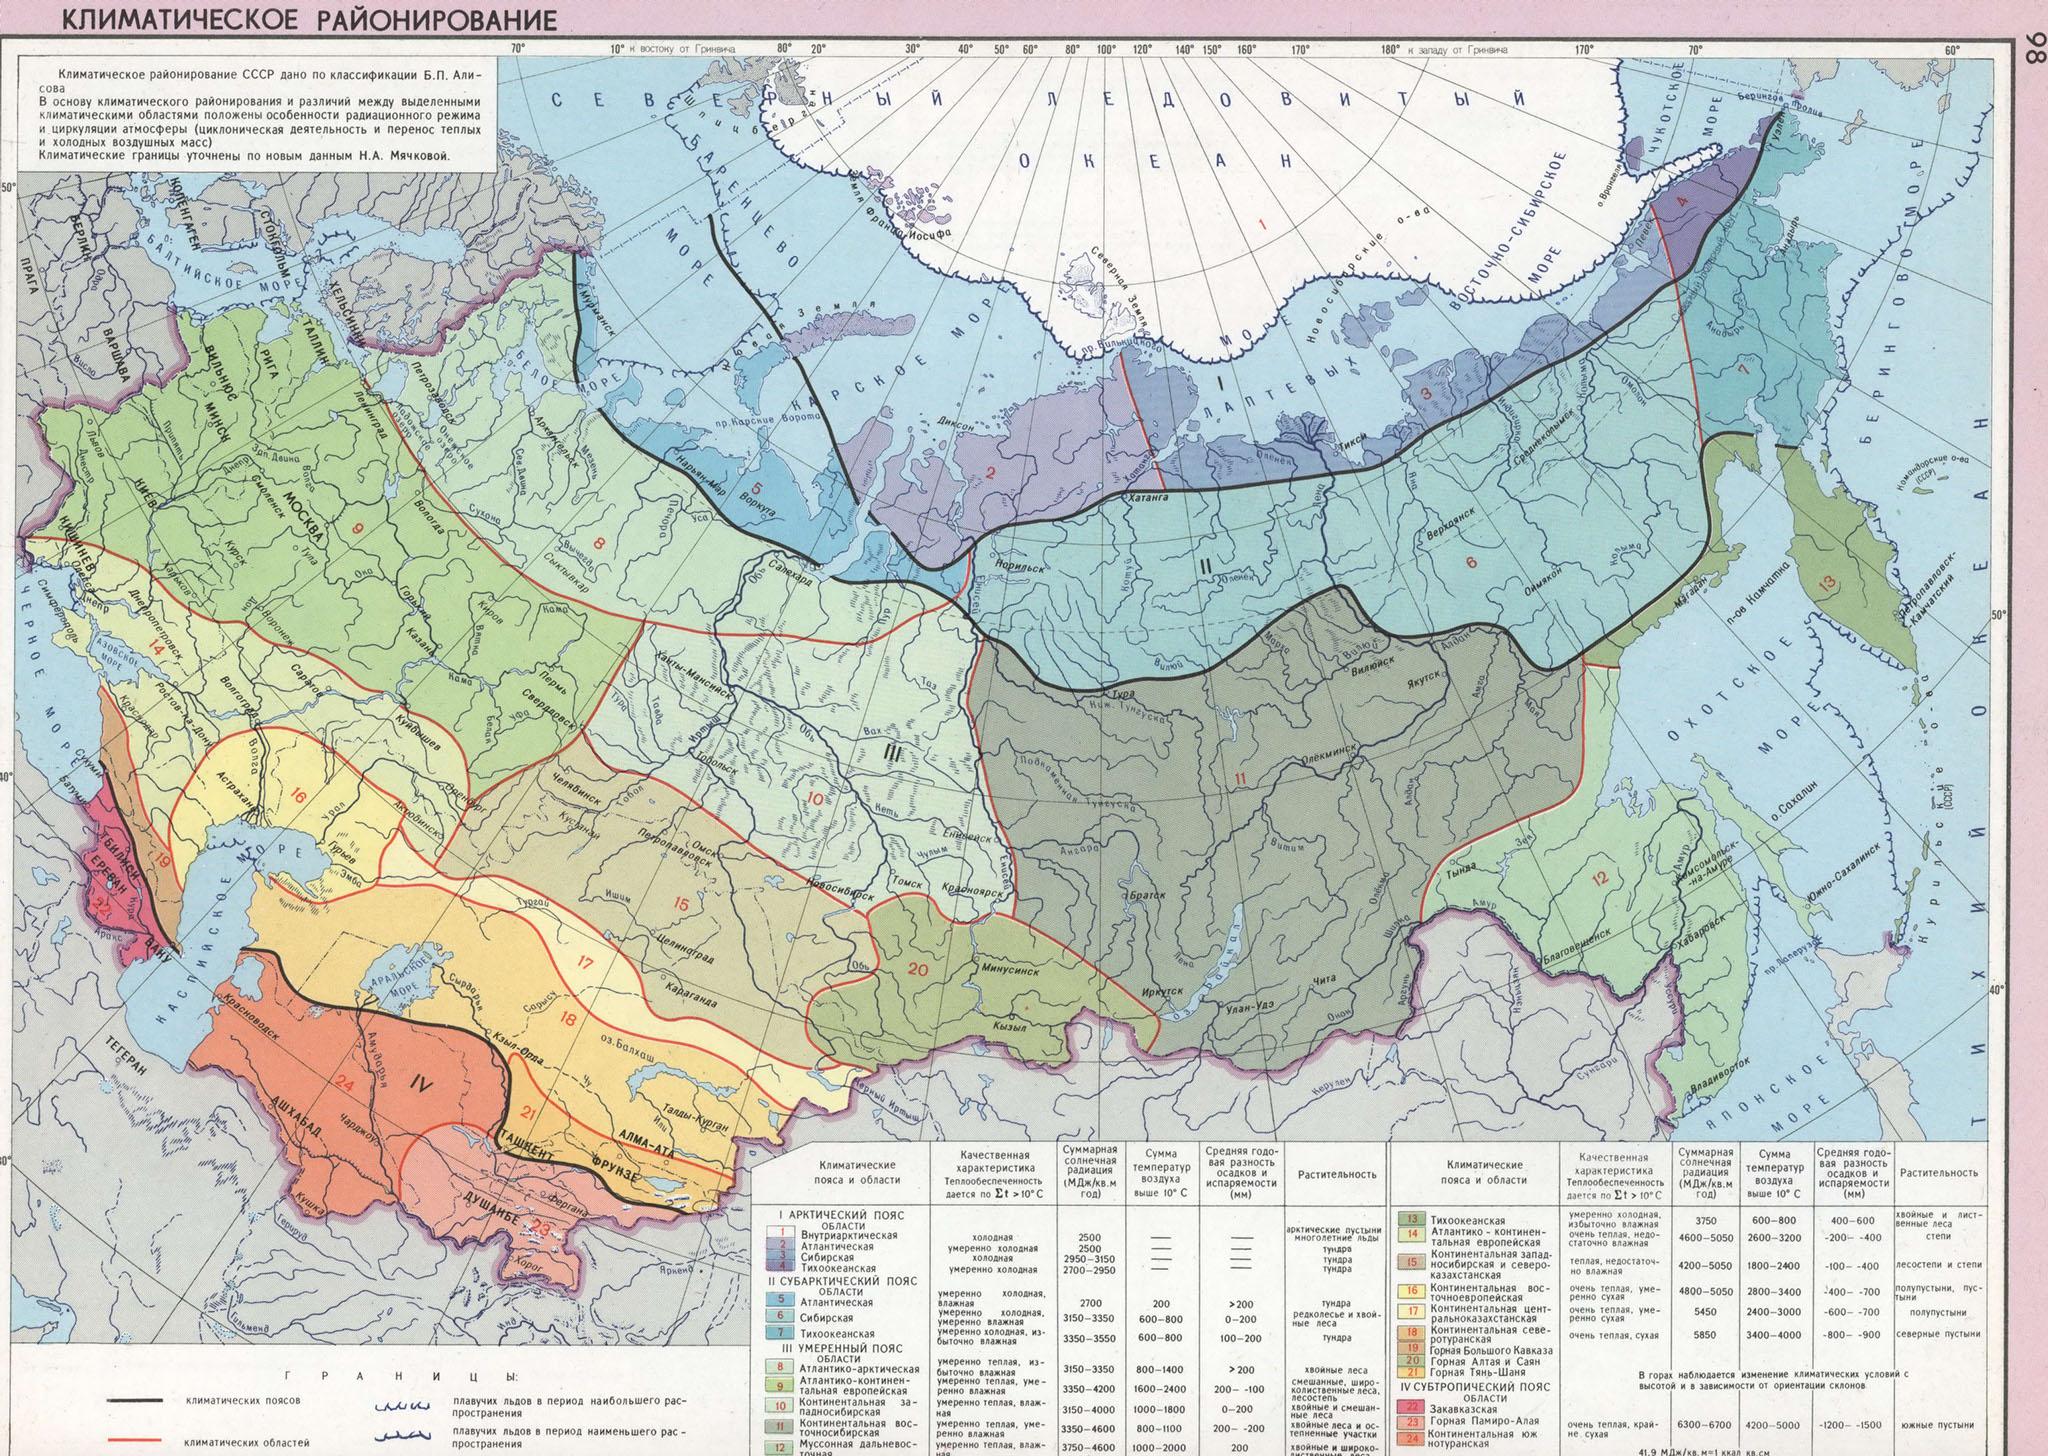 Зоны морозостойкости Википедия 91